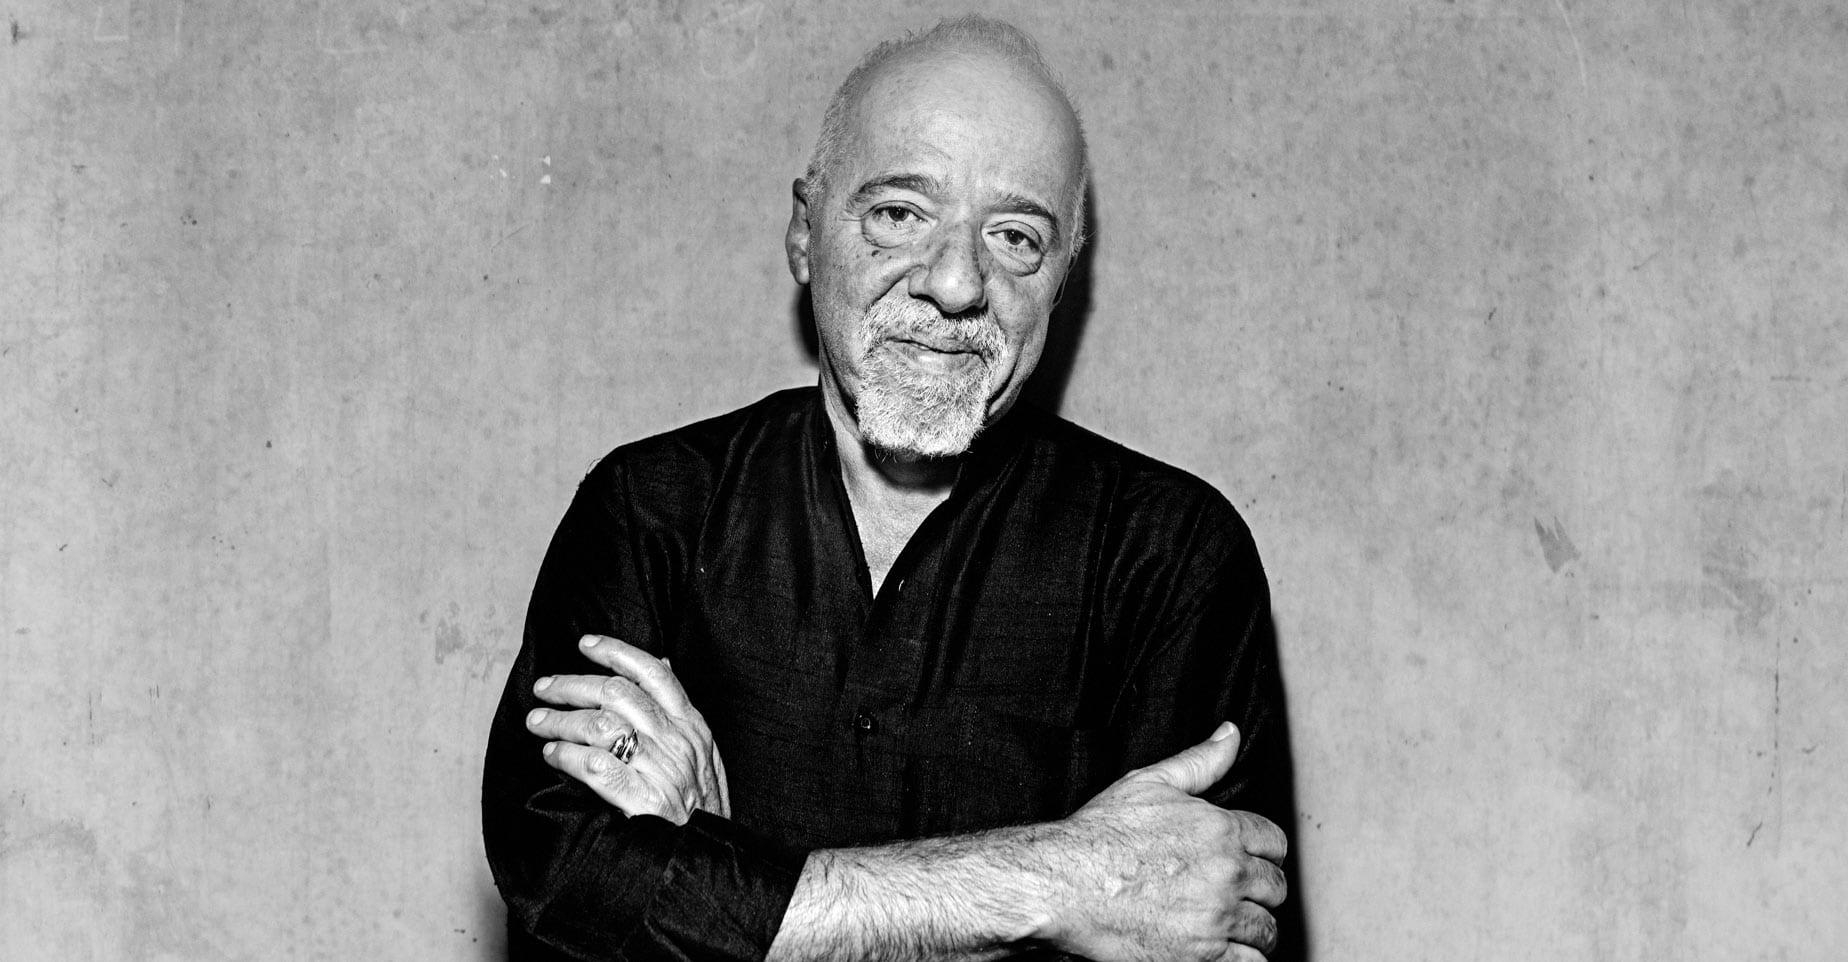 Les 7 Leçons de Vie de l'Alchimiste de Paulo Coelho qui ont Bouleversé ma Vie